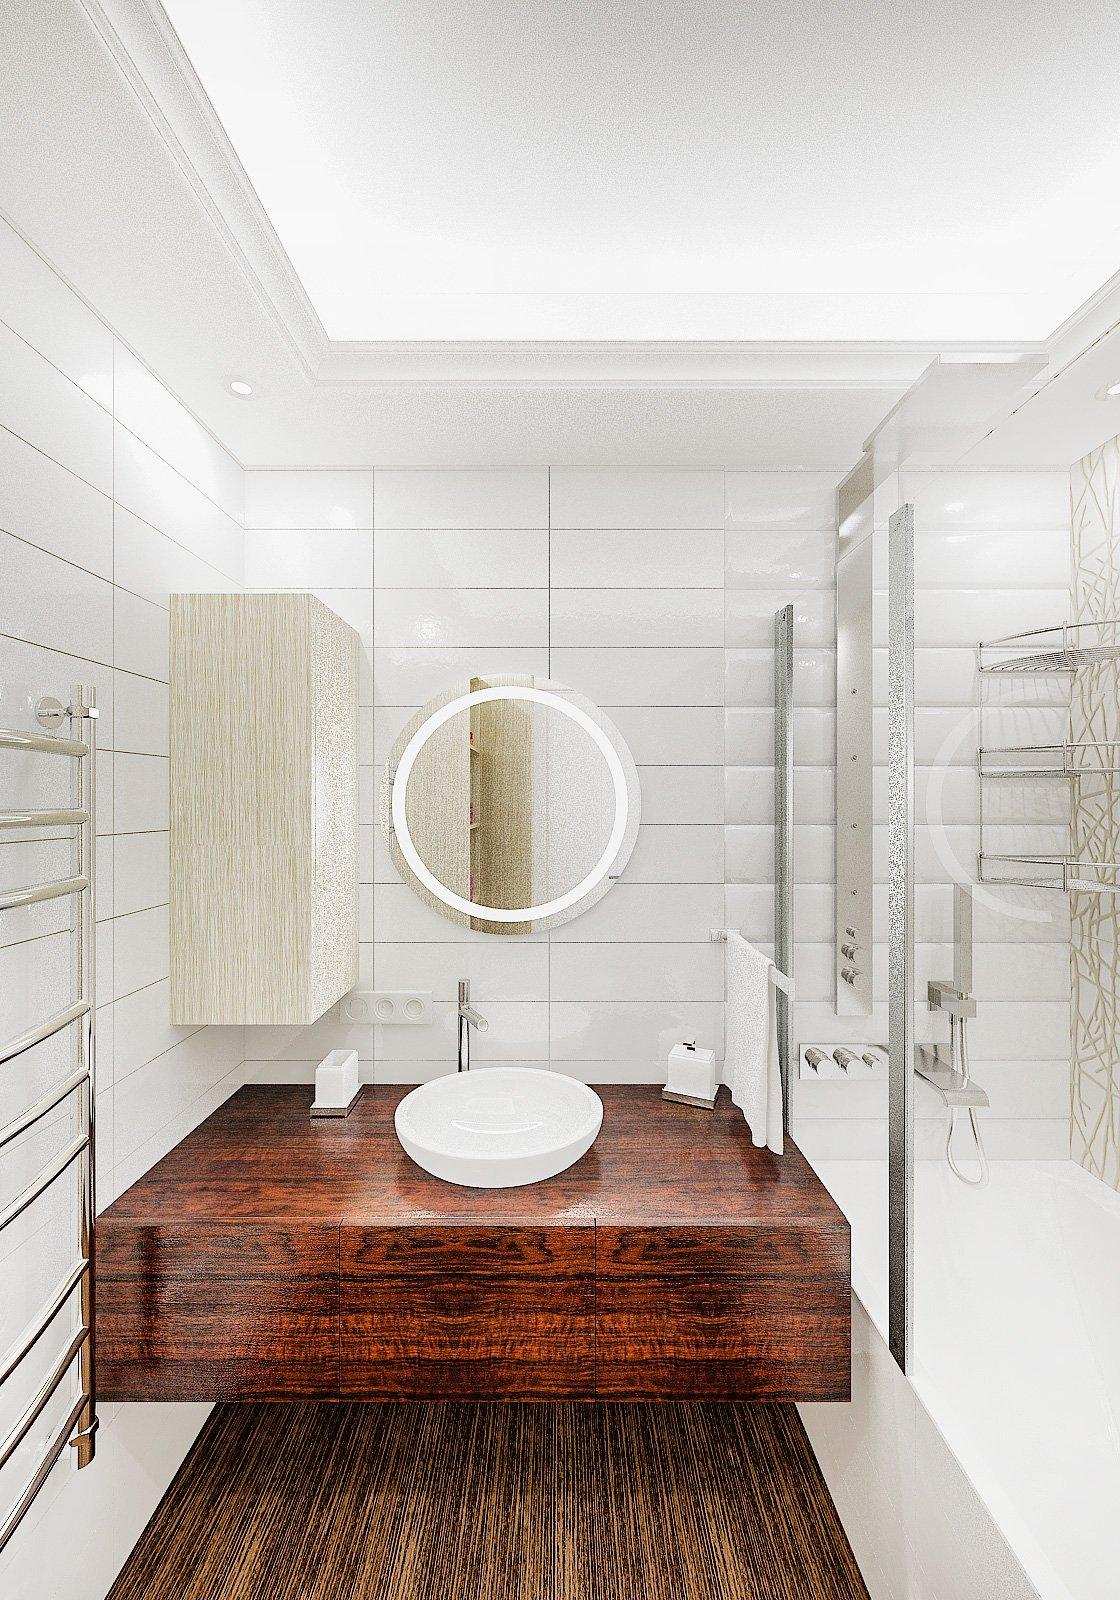 Круглое зеркало с подсветкой в ванной, круглый умывальник на тумбе, светлая ванная, плитка объемная, потолок с закарнизной подсветкой в ванной, Дизайн интерьера ванной в Гомеле 4